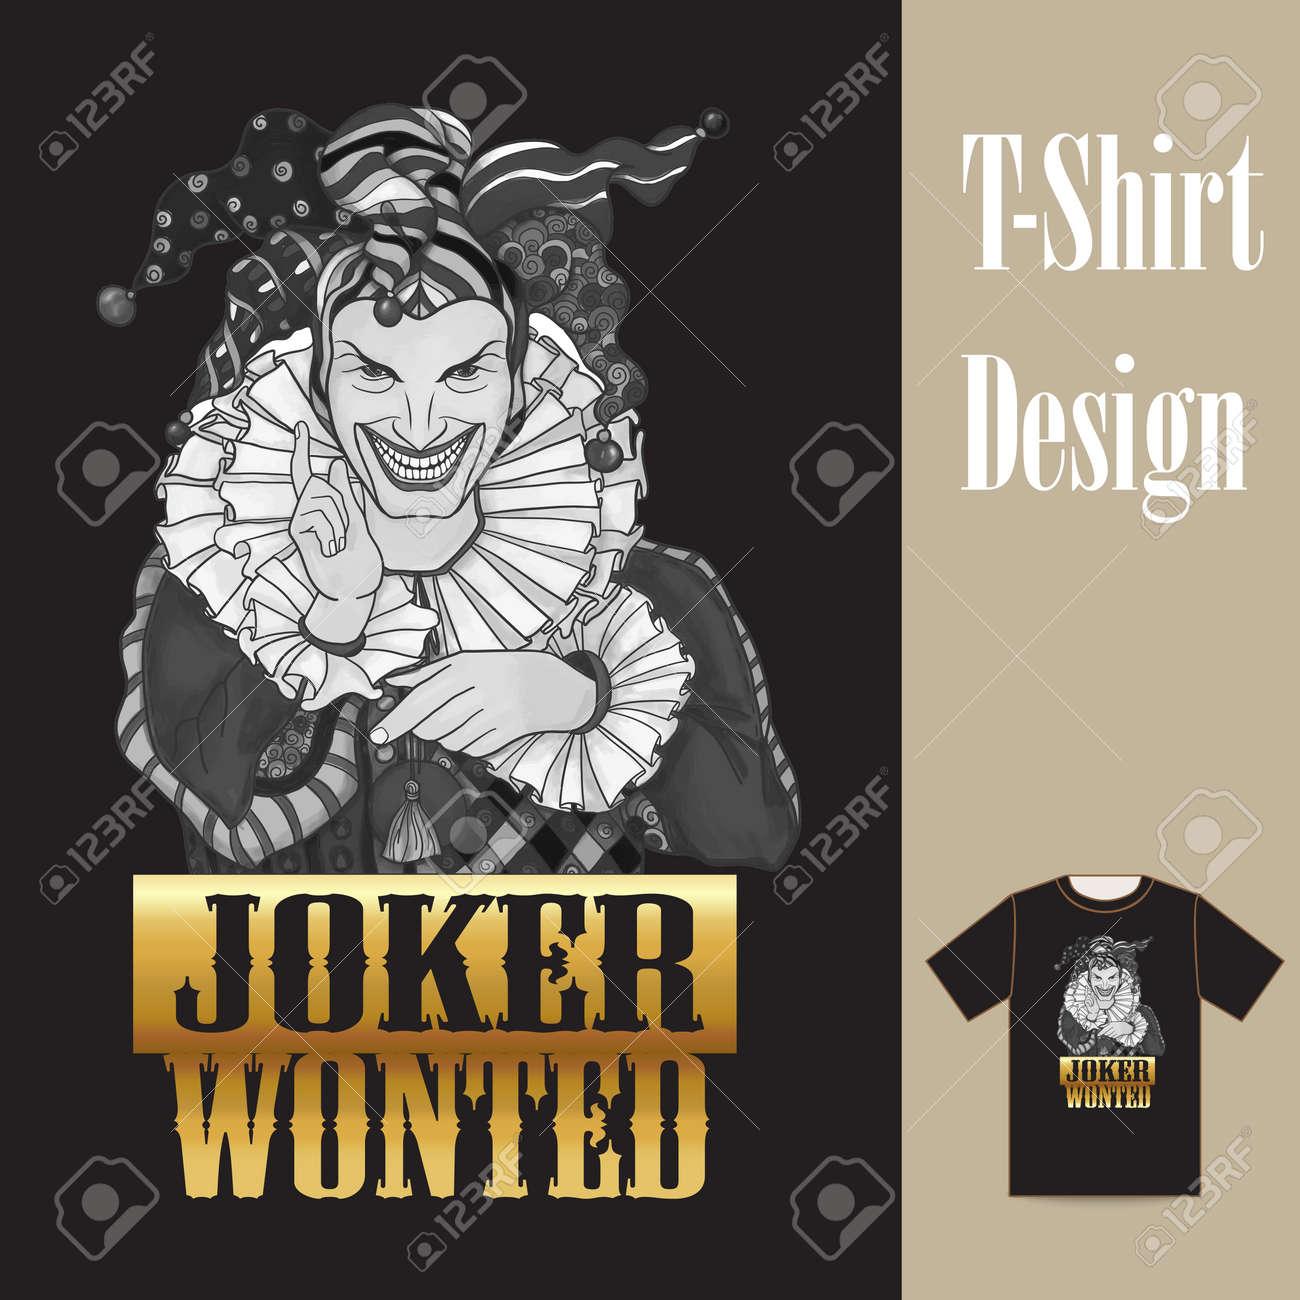 Joker men in joker costume this illustration can be used as joker men in joker costume this illustration can be used as a greeting card m4hsunfo